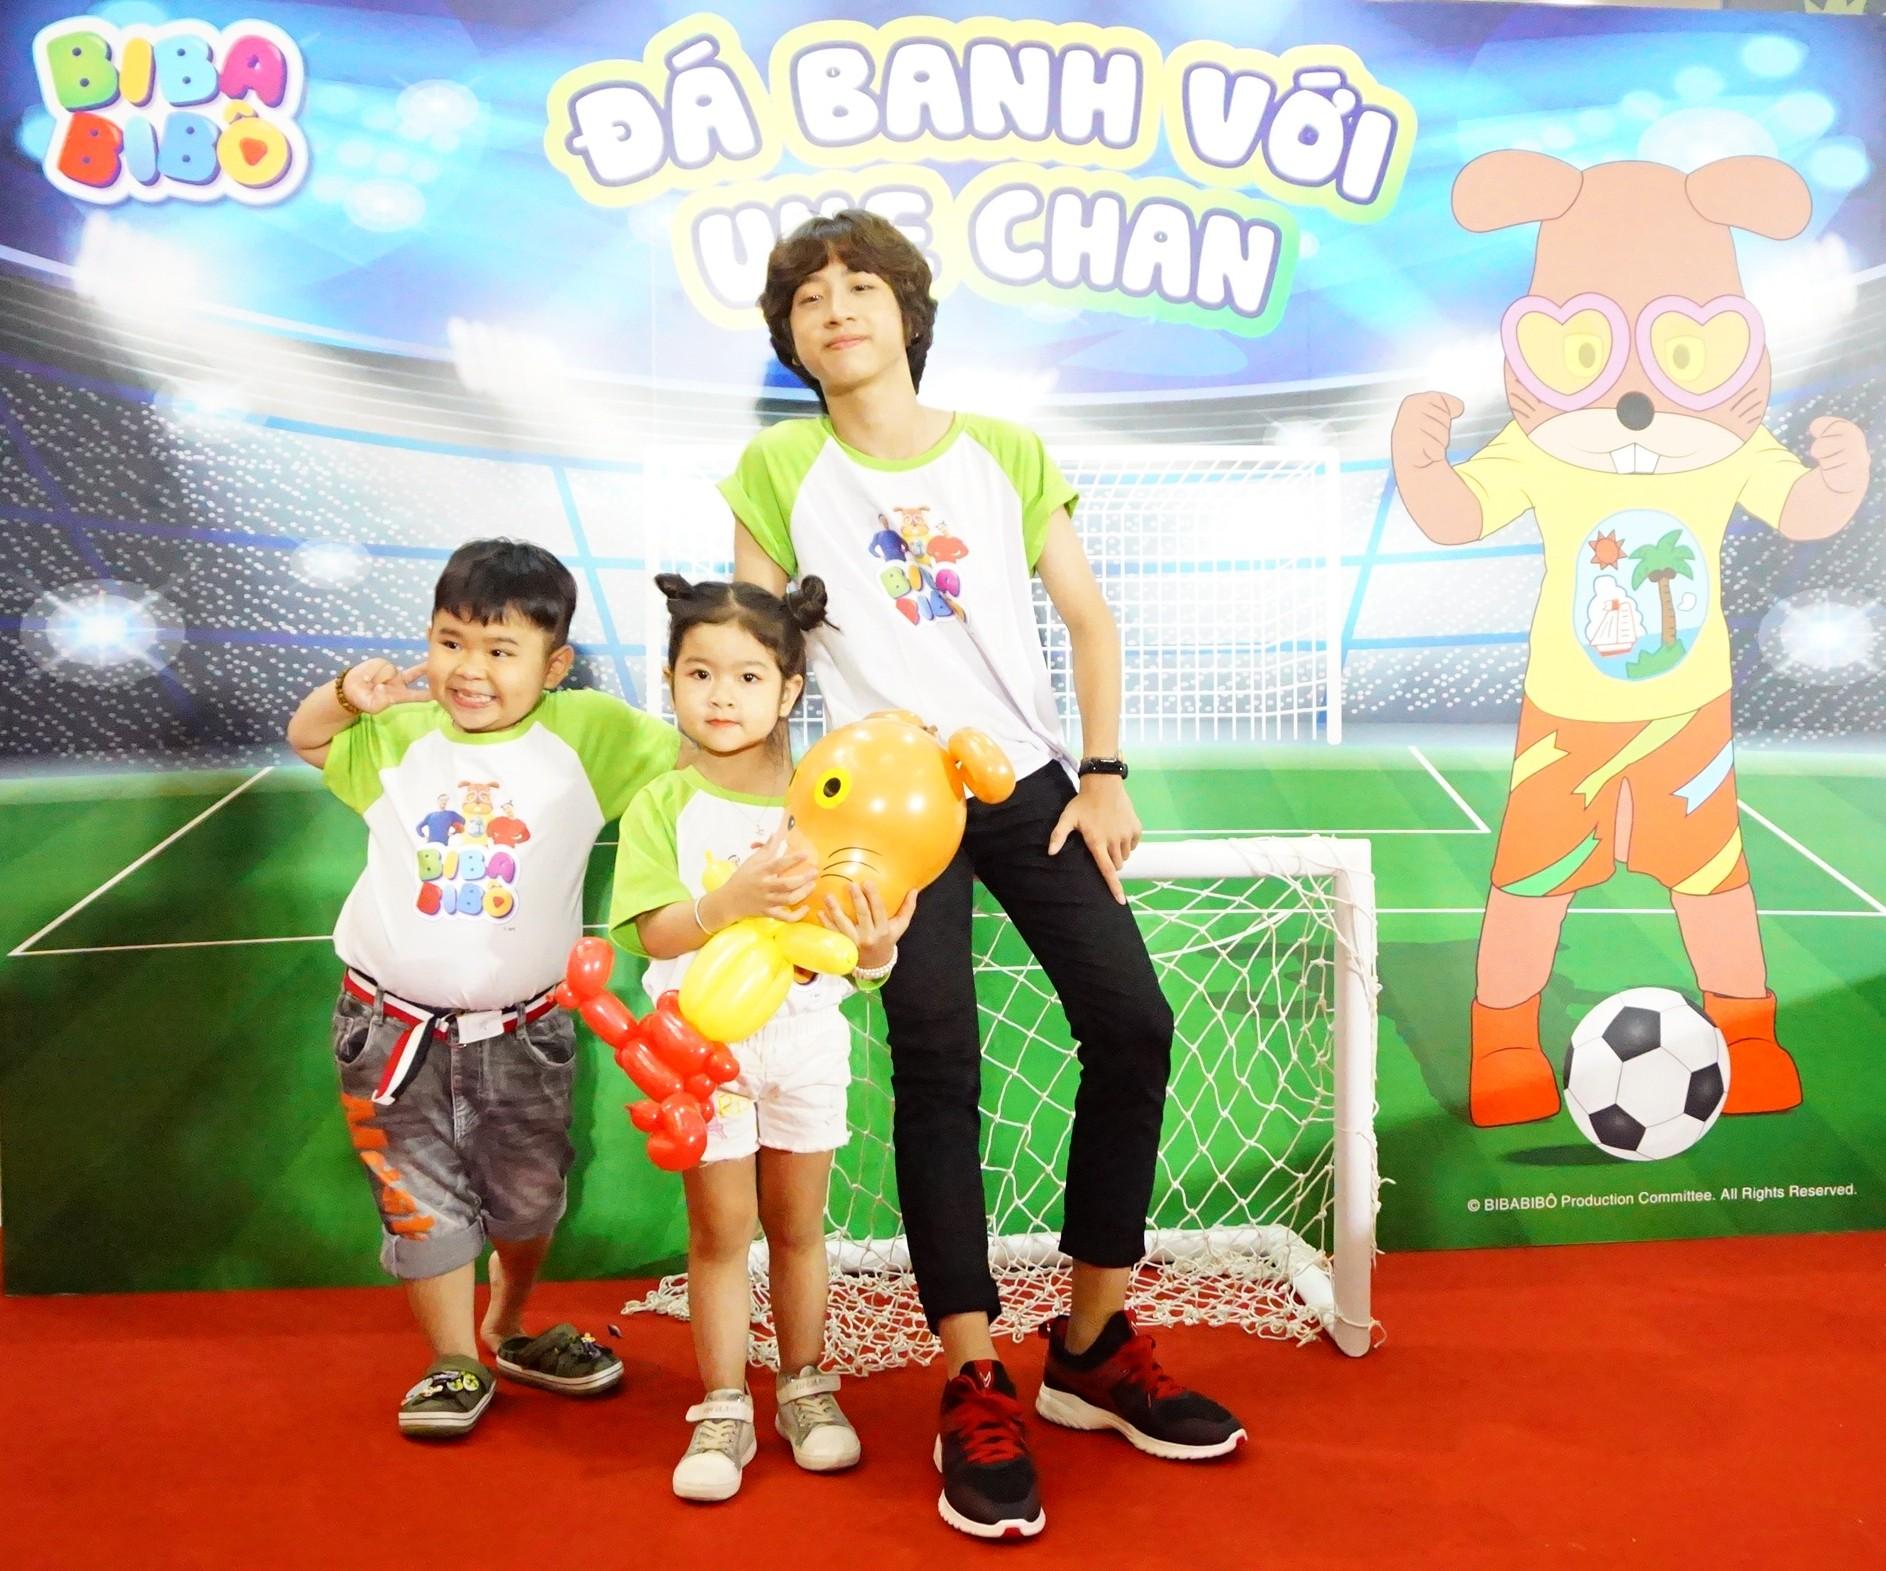 Sao nhí Việt hào hứng chào đón chương trình giải trí mới dành cho thiếu nhi - Ảnh 2.